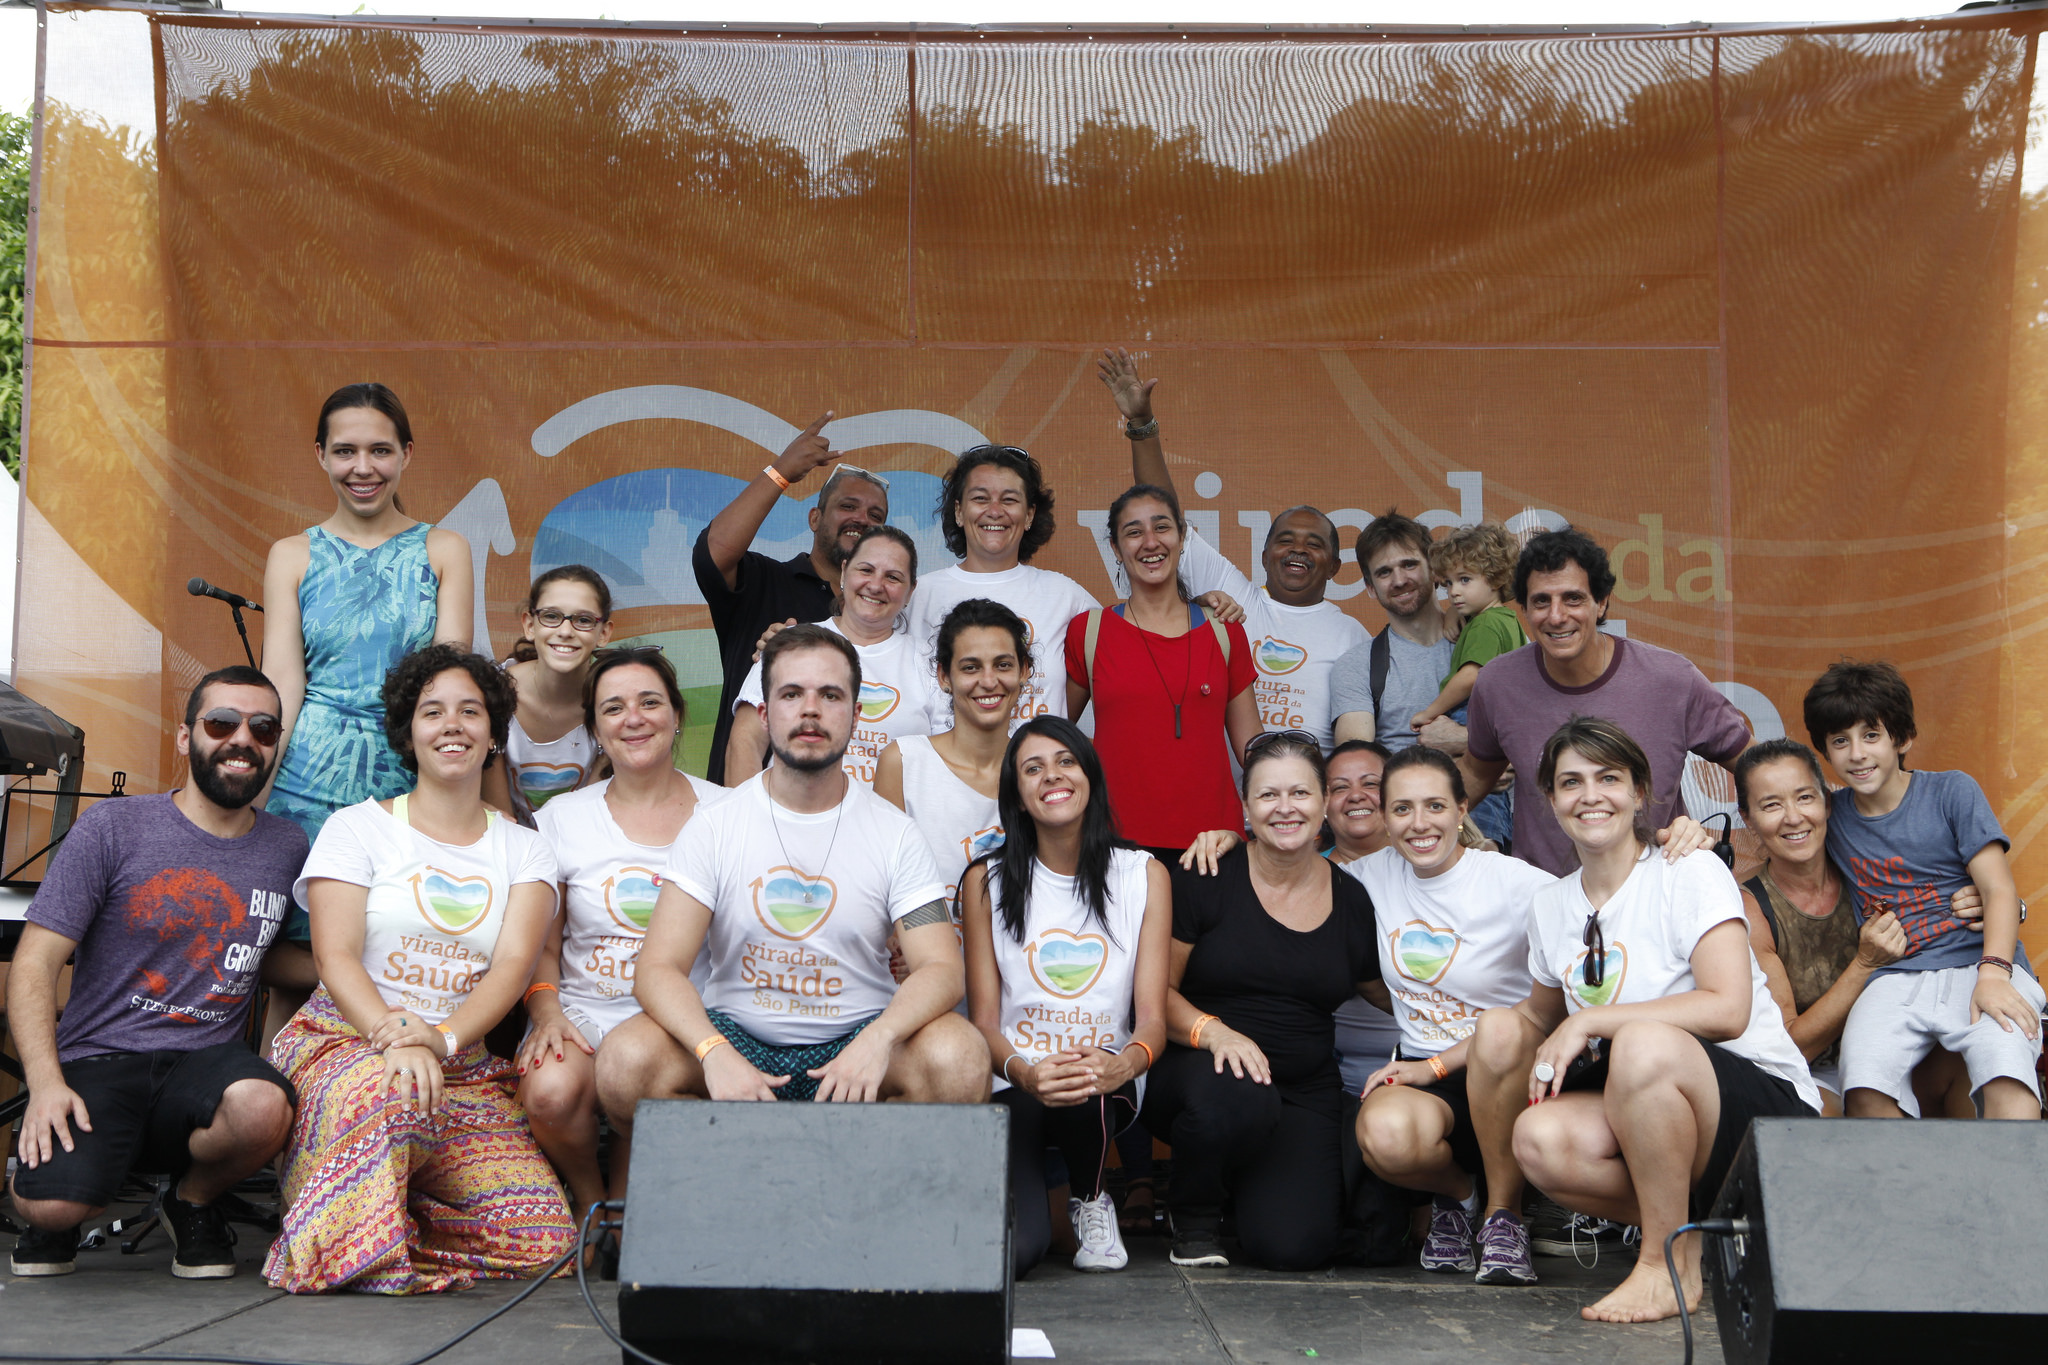 Equipe da Virada da Saúde - Instituto Saúde e Sustentabilidade